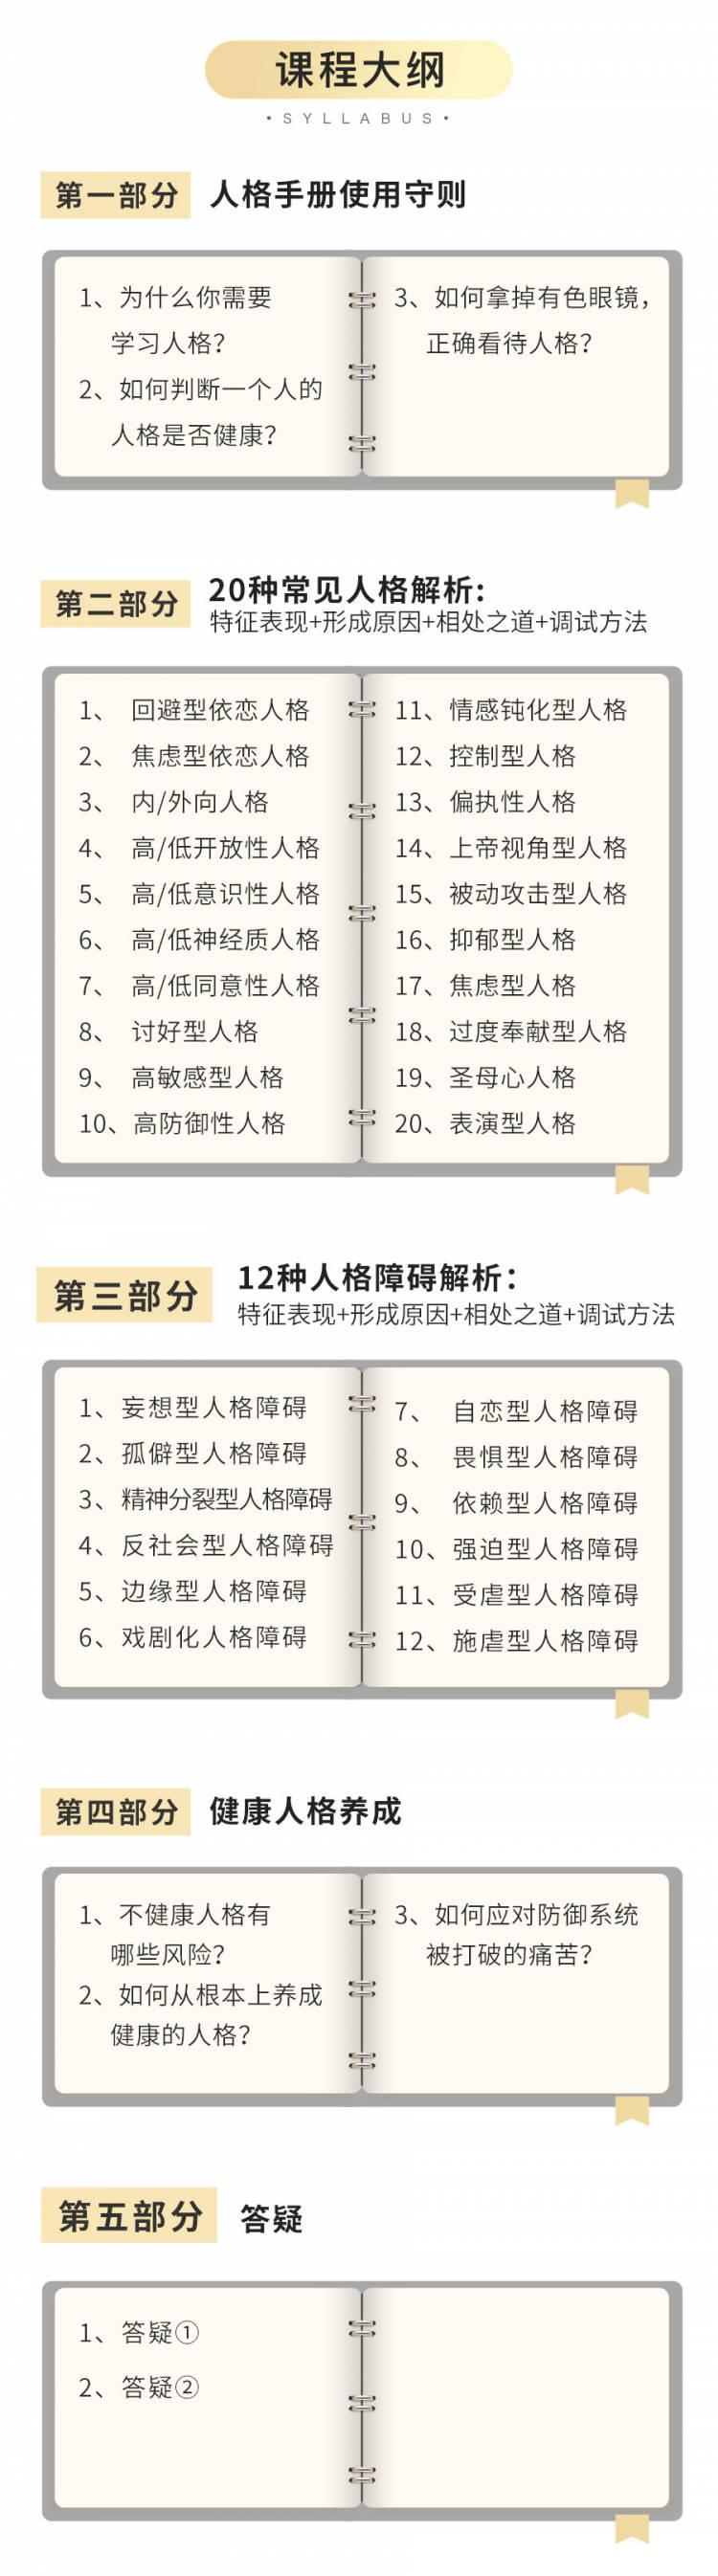 实用人格手册:读懂自己与他人的必备指南课程大纲